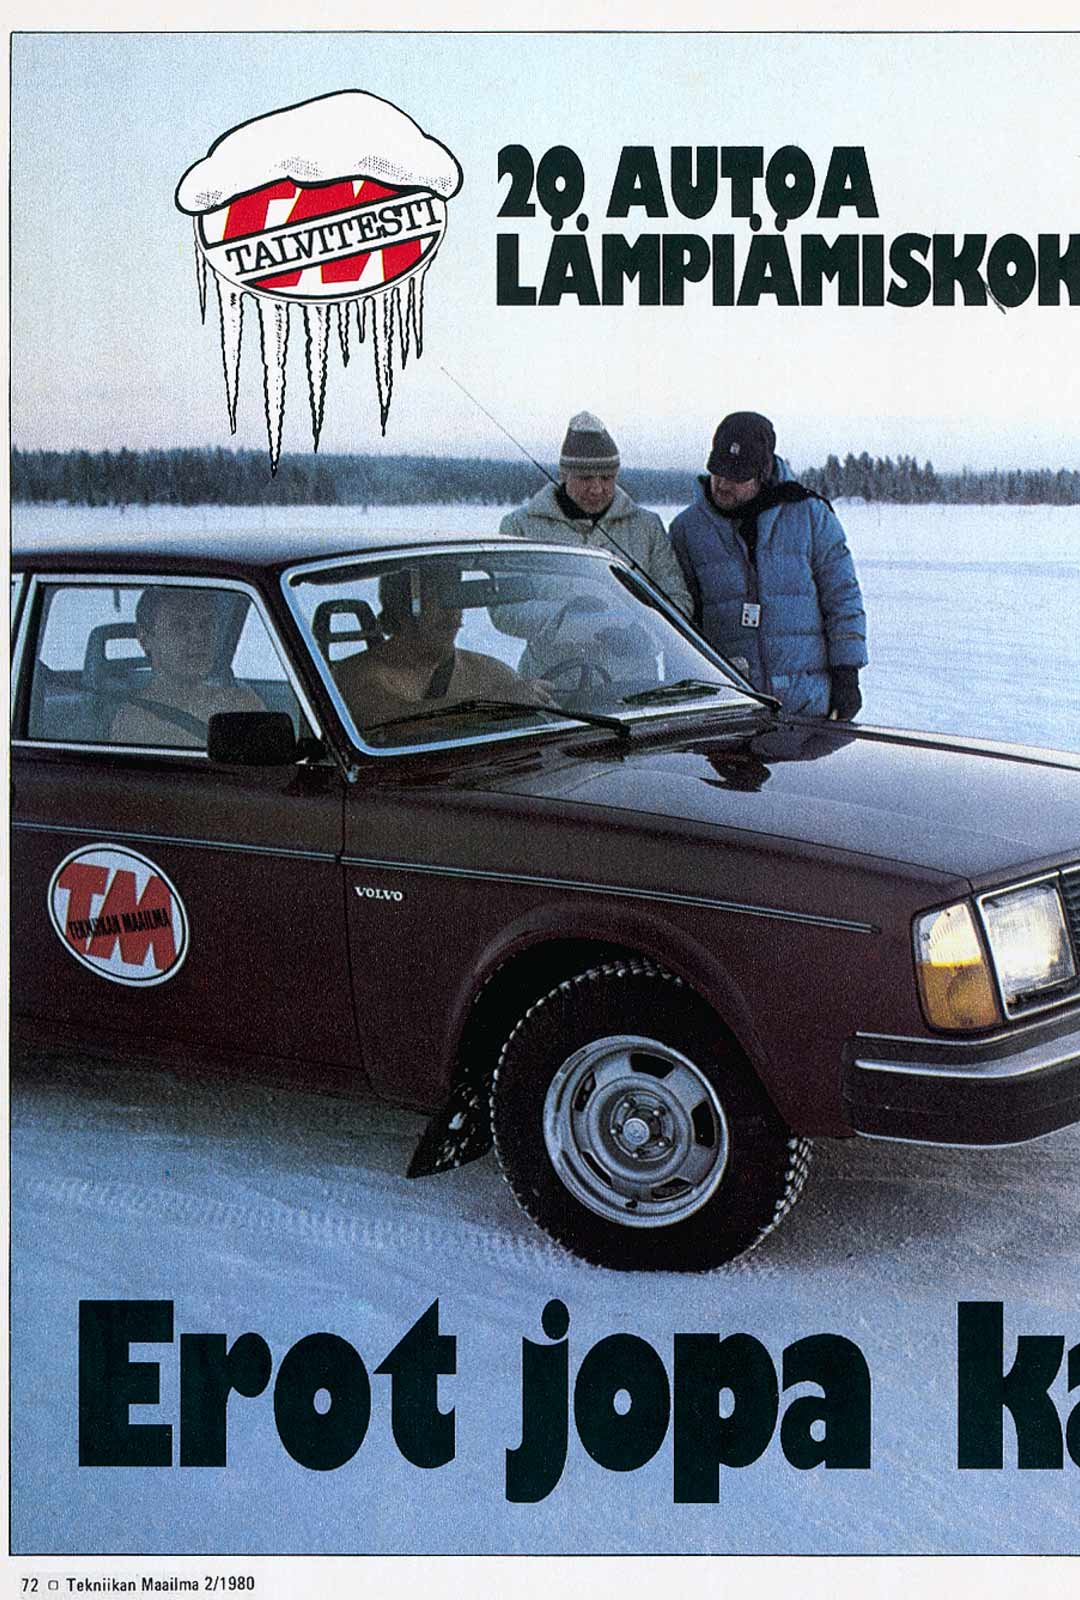 Tekniikan Maailma raportoi näyttävästi ensimmäisistä talvitesteistään vuonna 1980. Volvo lämpeni Kemijärvellä saunalukemiin 14 asteen pakkasessa.